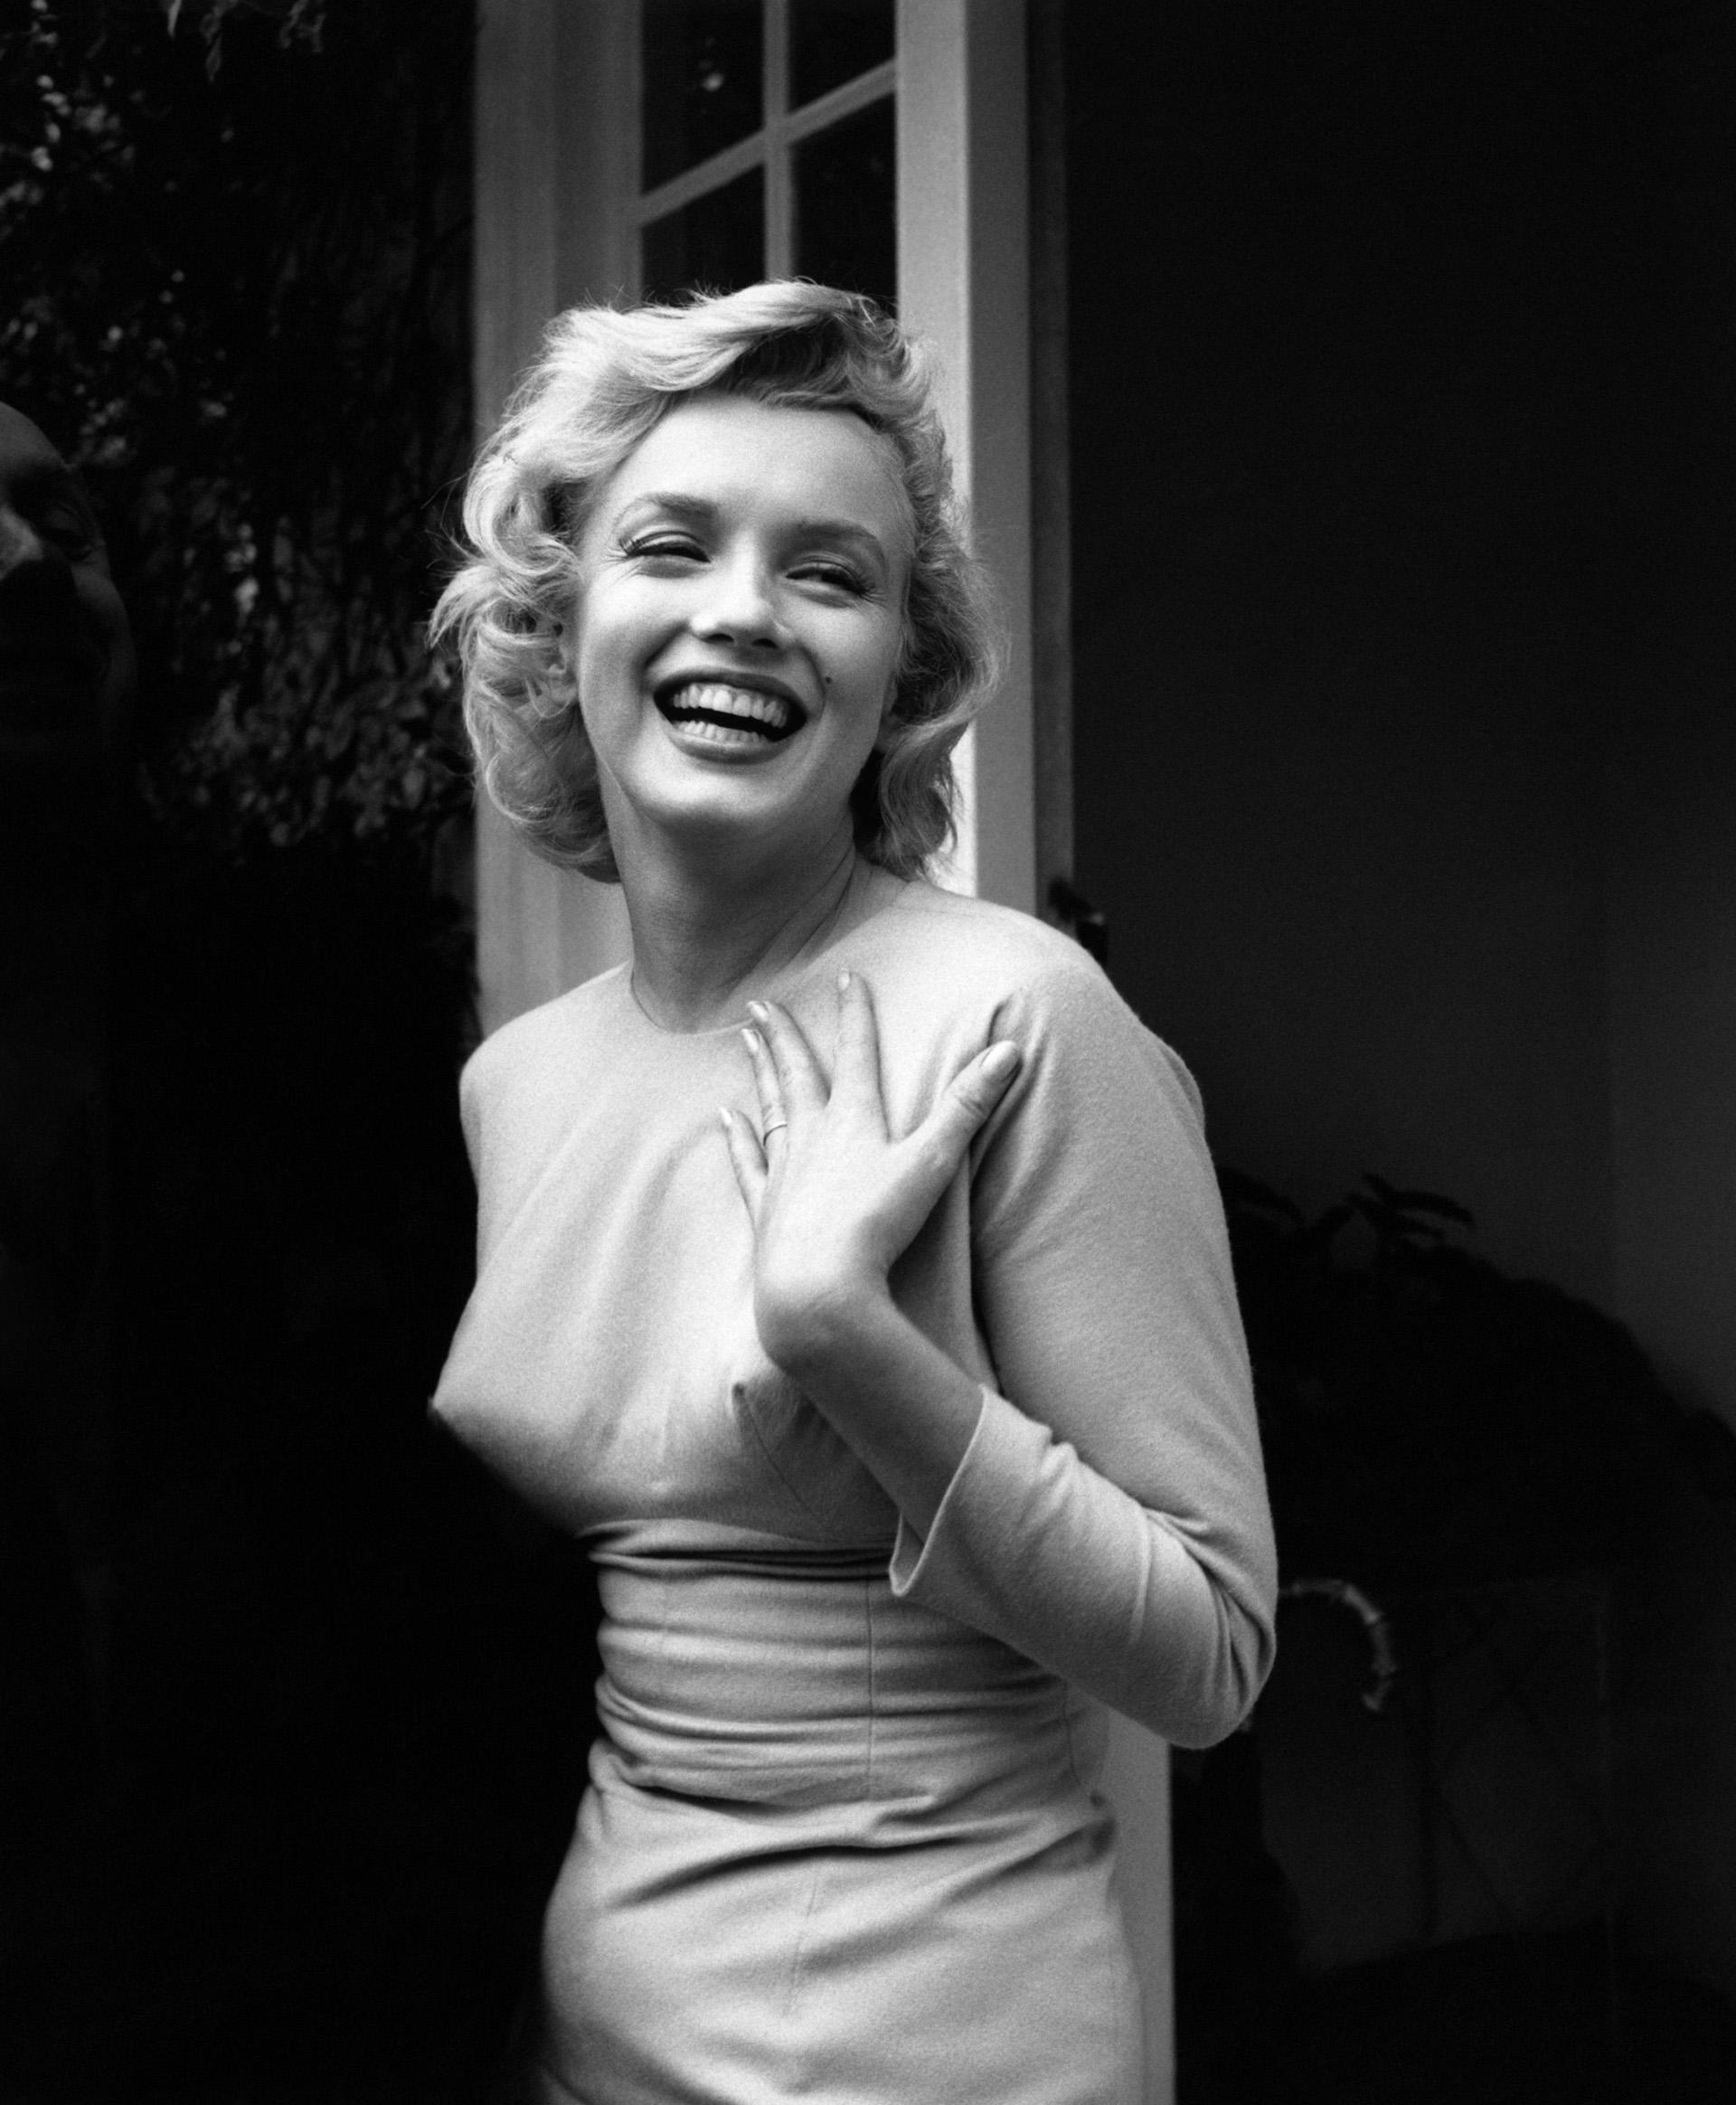 Uno de sus primeros inventos -revolucionarios para la época- fueron los botones que ella misma cosía en la parte de los pechos de sus prendas para dar la impresión de tener los pezones marcados (Photo by Evening Standard/Getty Images)